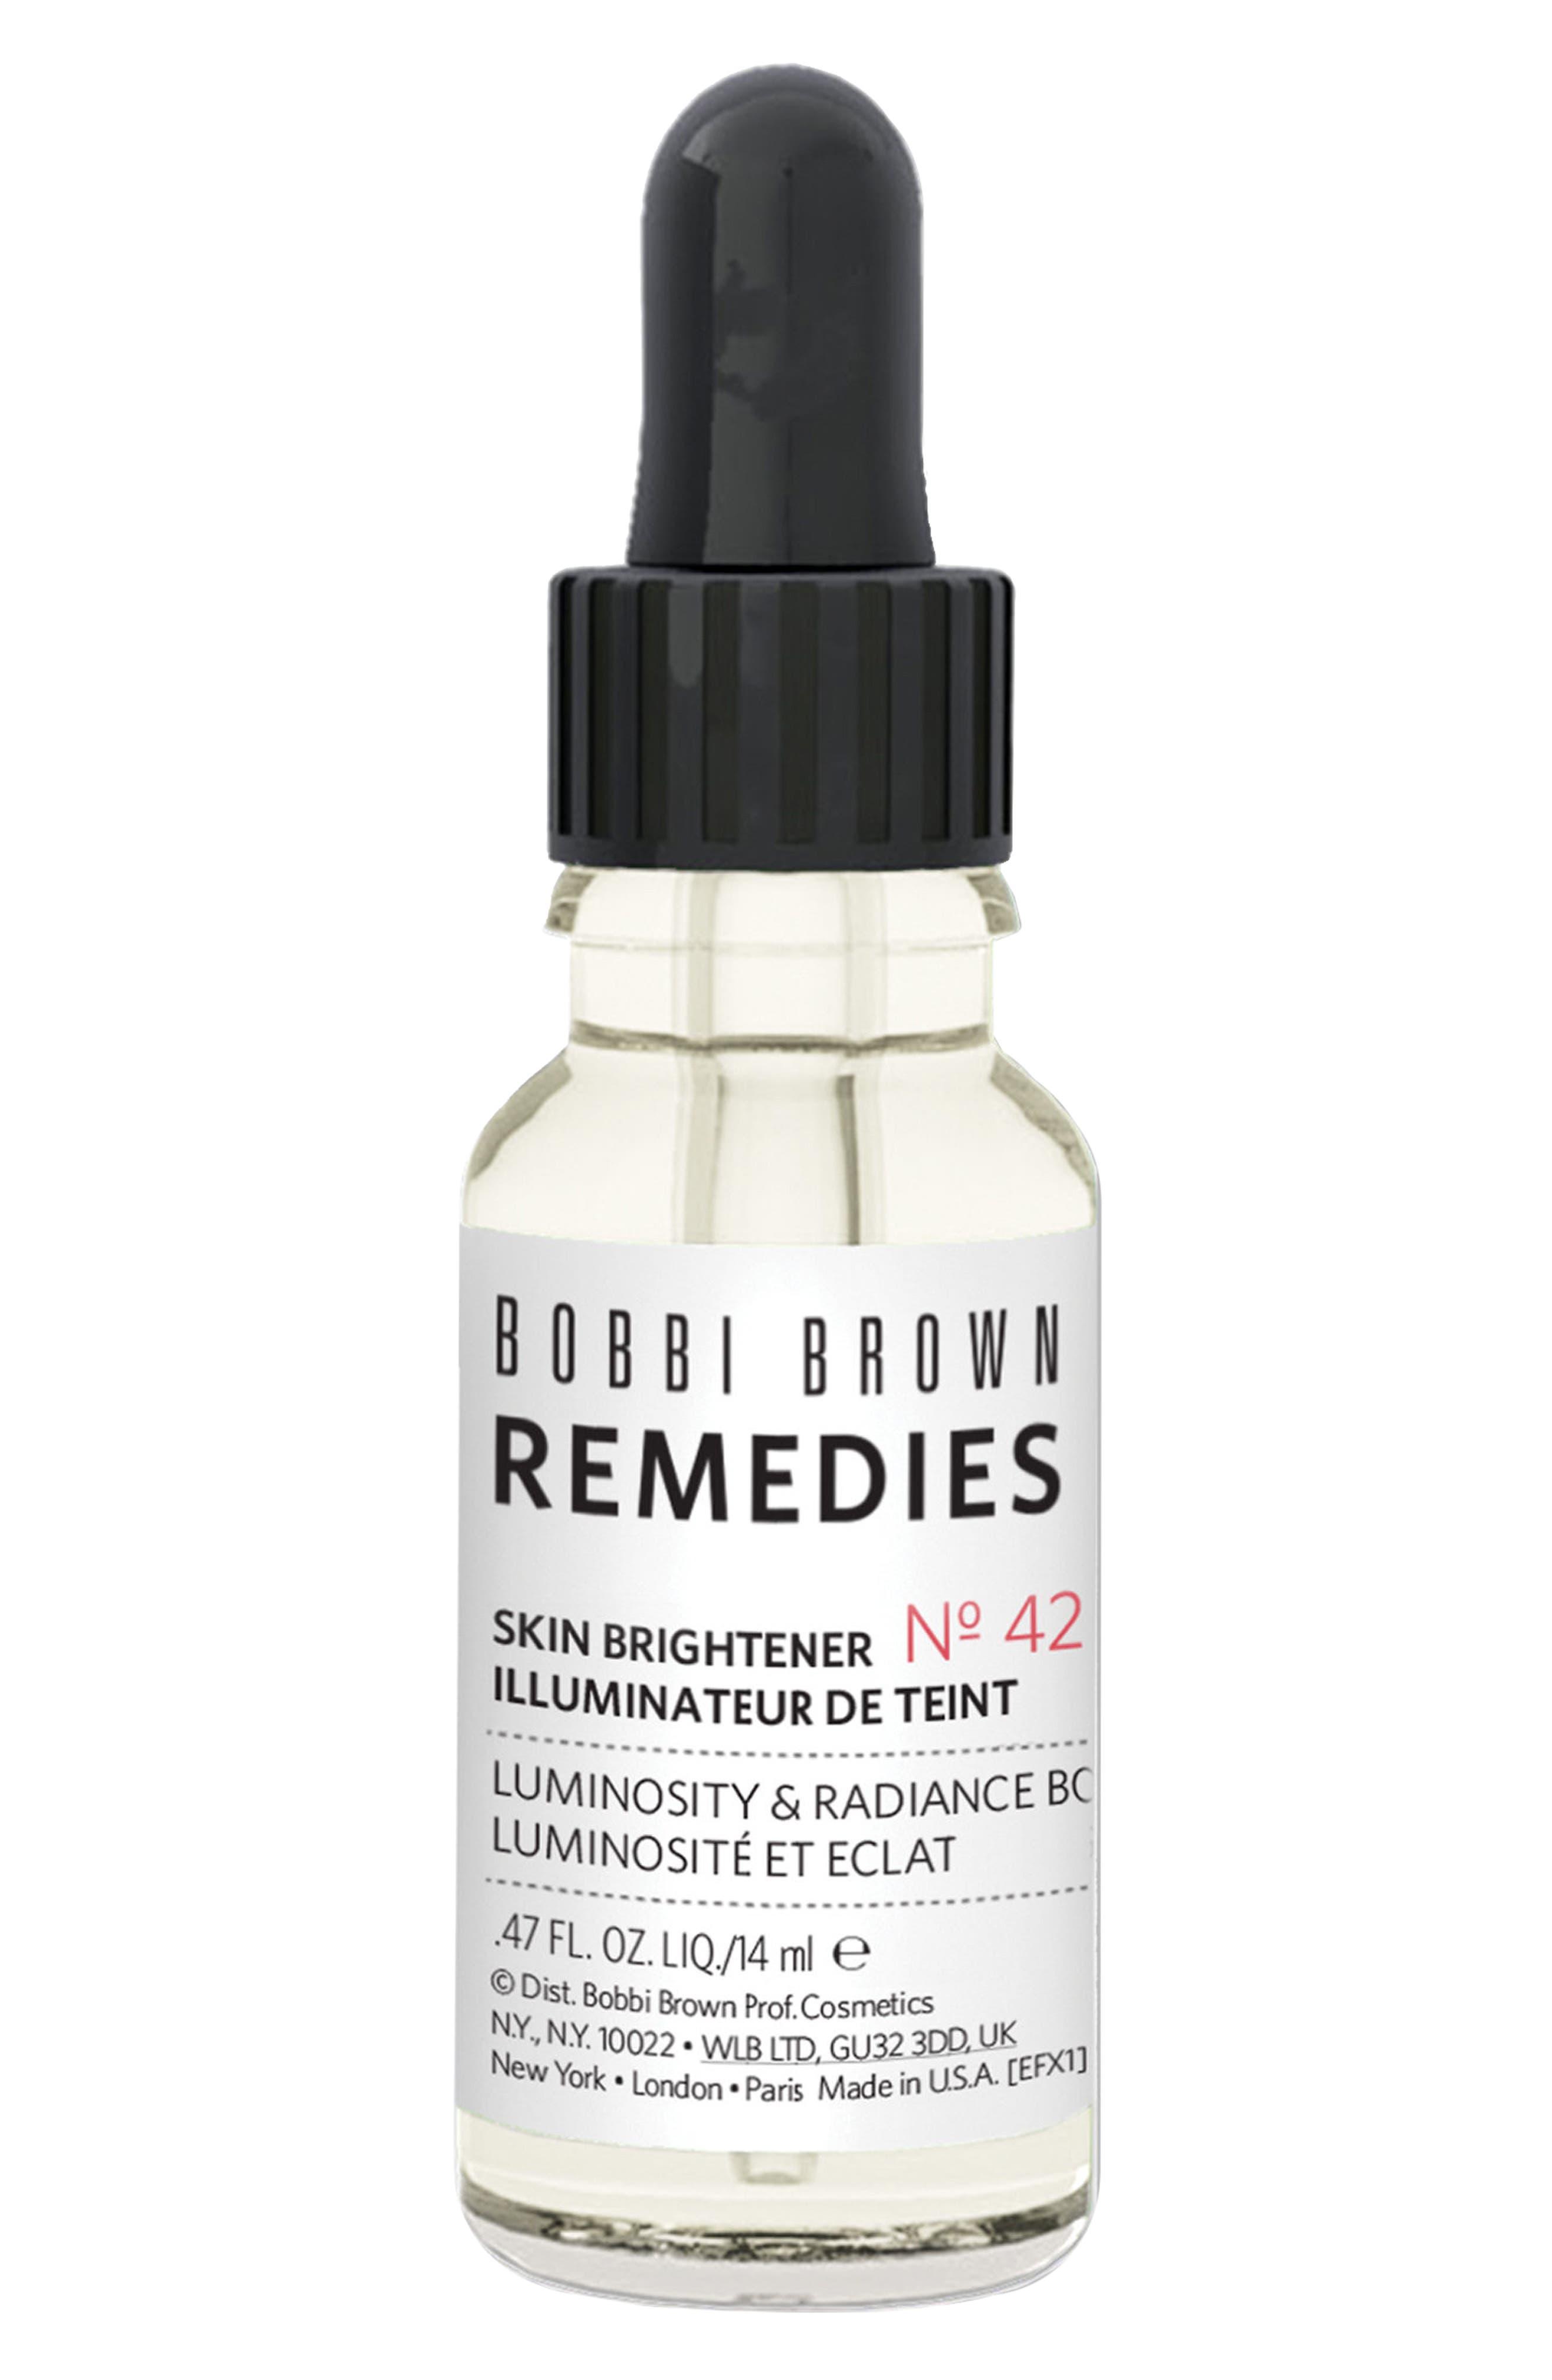 Alternate Image 1 Selected - Bobbi Brown Remedies Skin Brightener No. 42